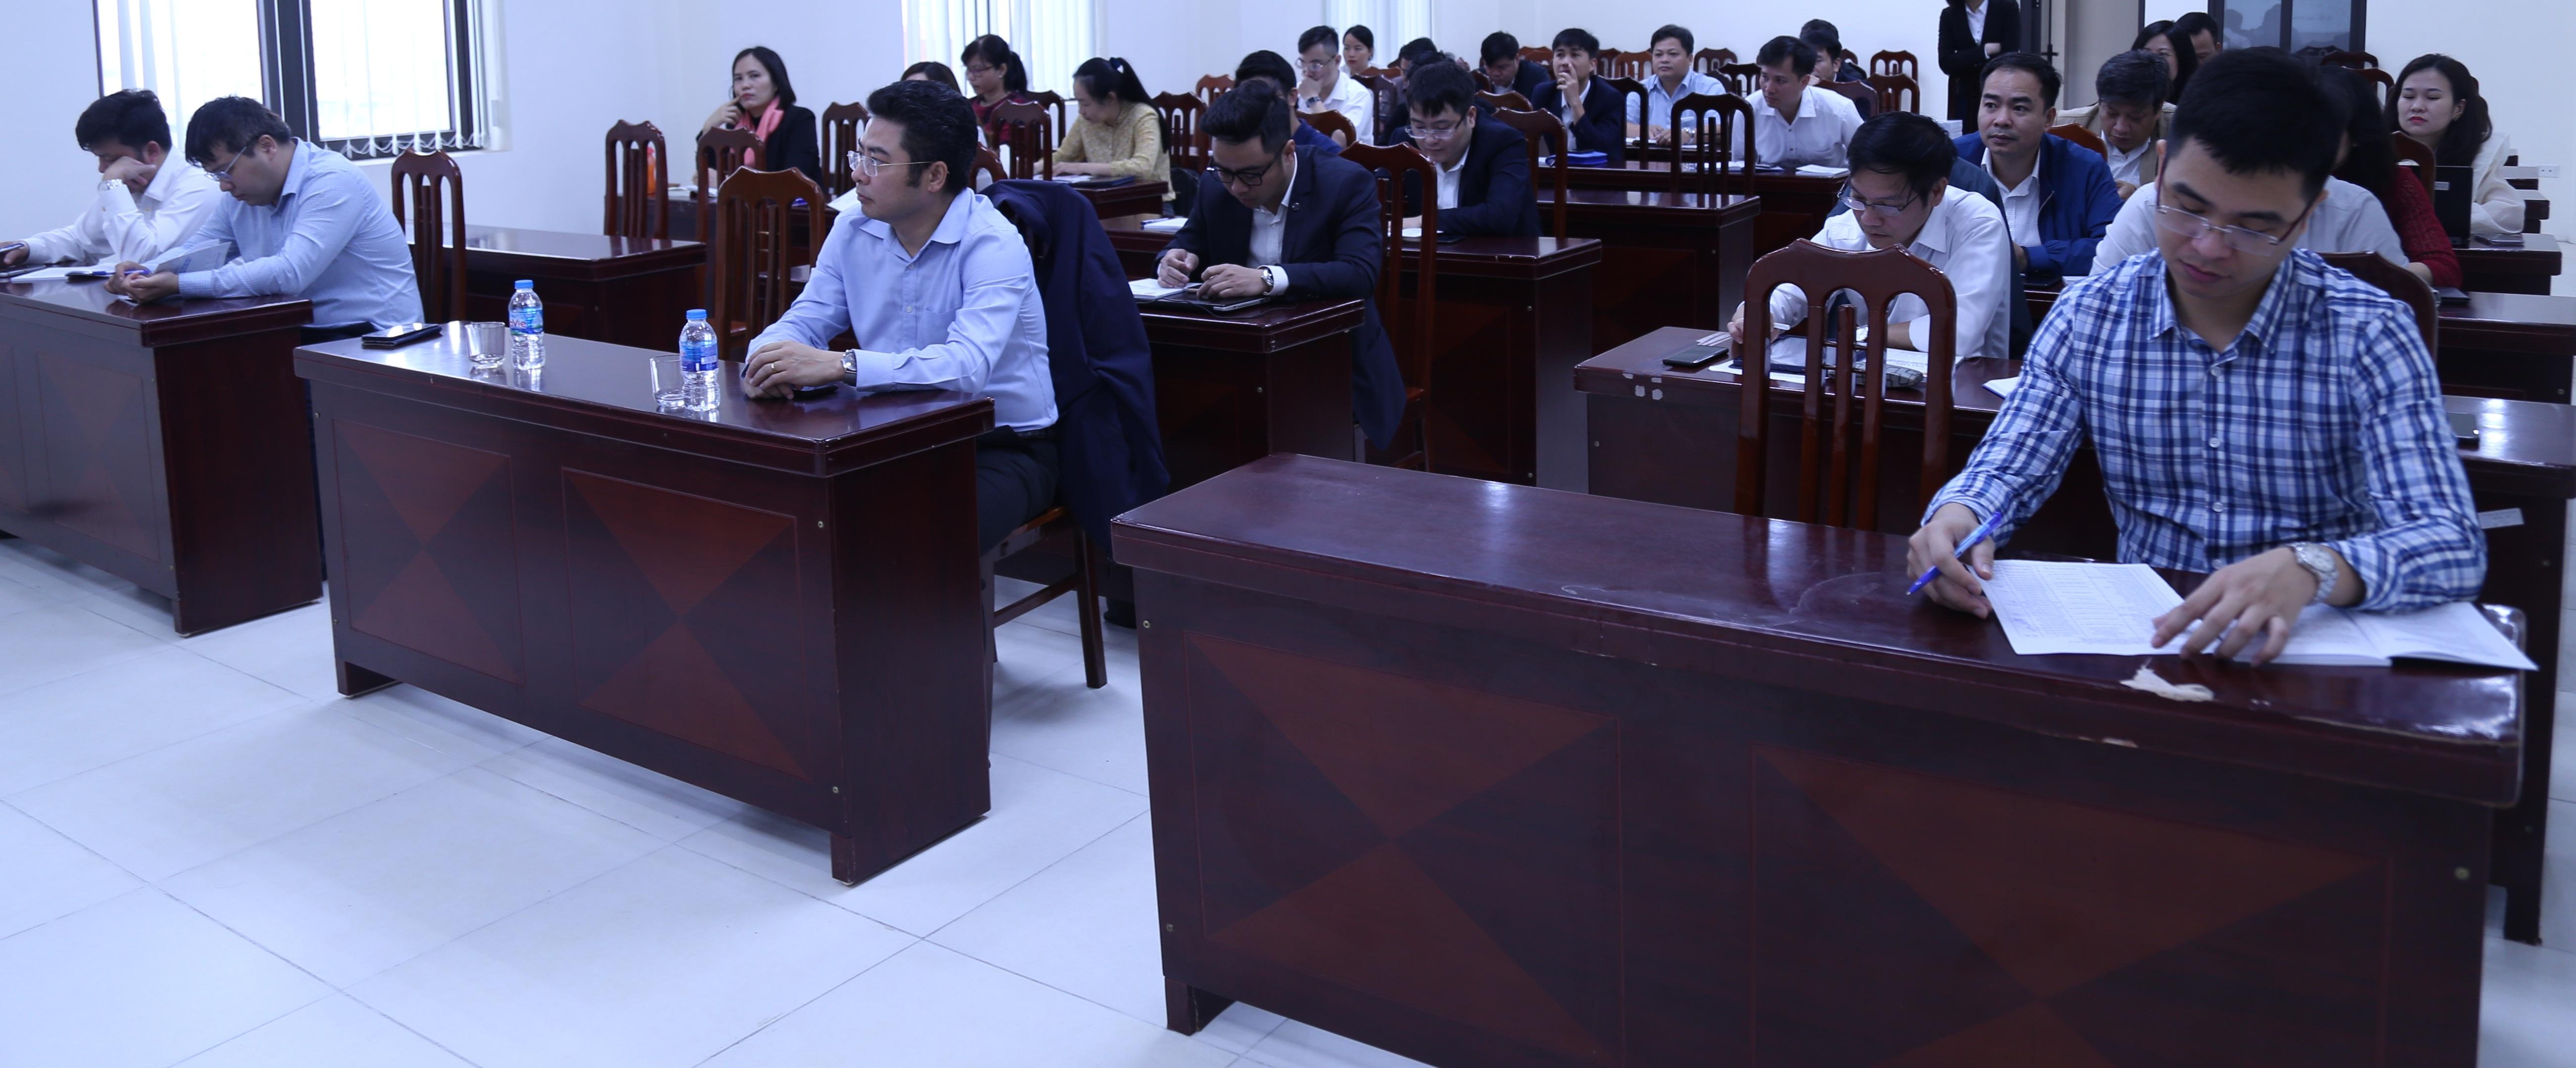 Khai giảng Lớp bồi dưỡng kỹ năng lãnh đạo, quản lý cấp Tổ trưởng Tổ kiểm toán